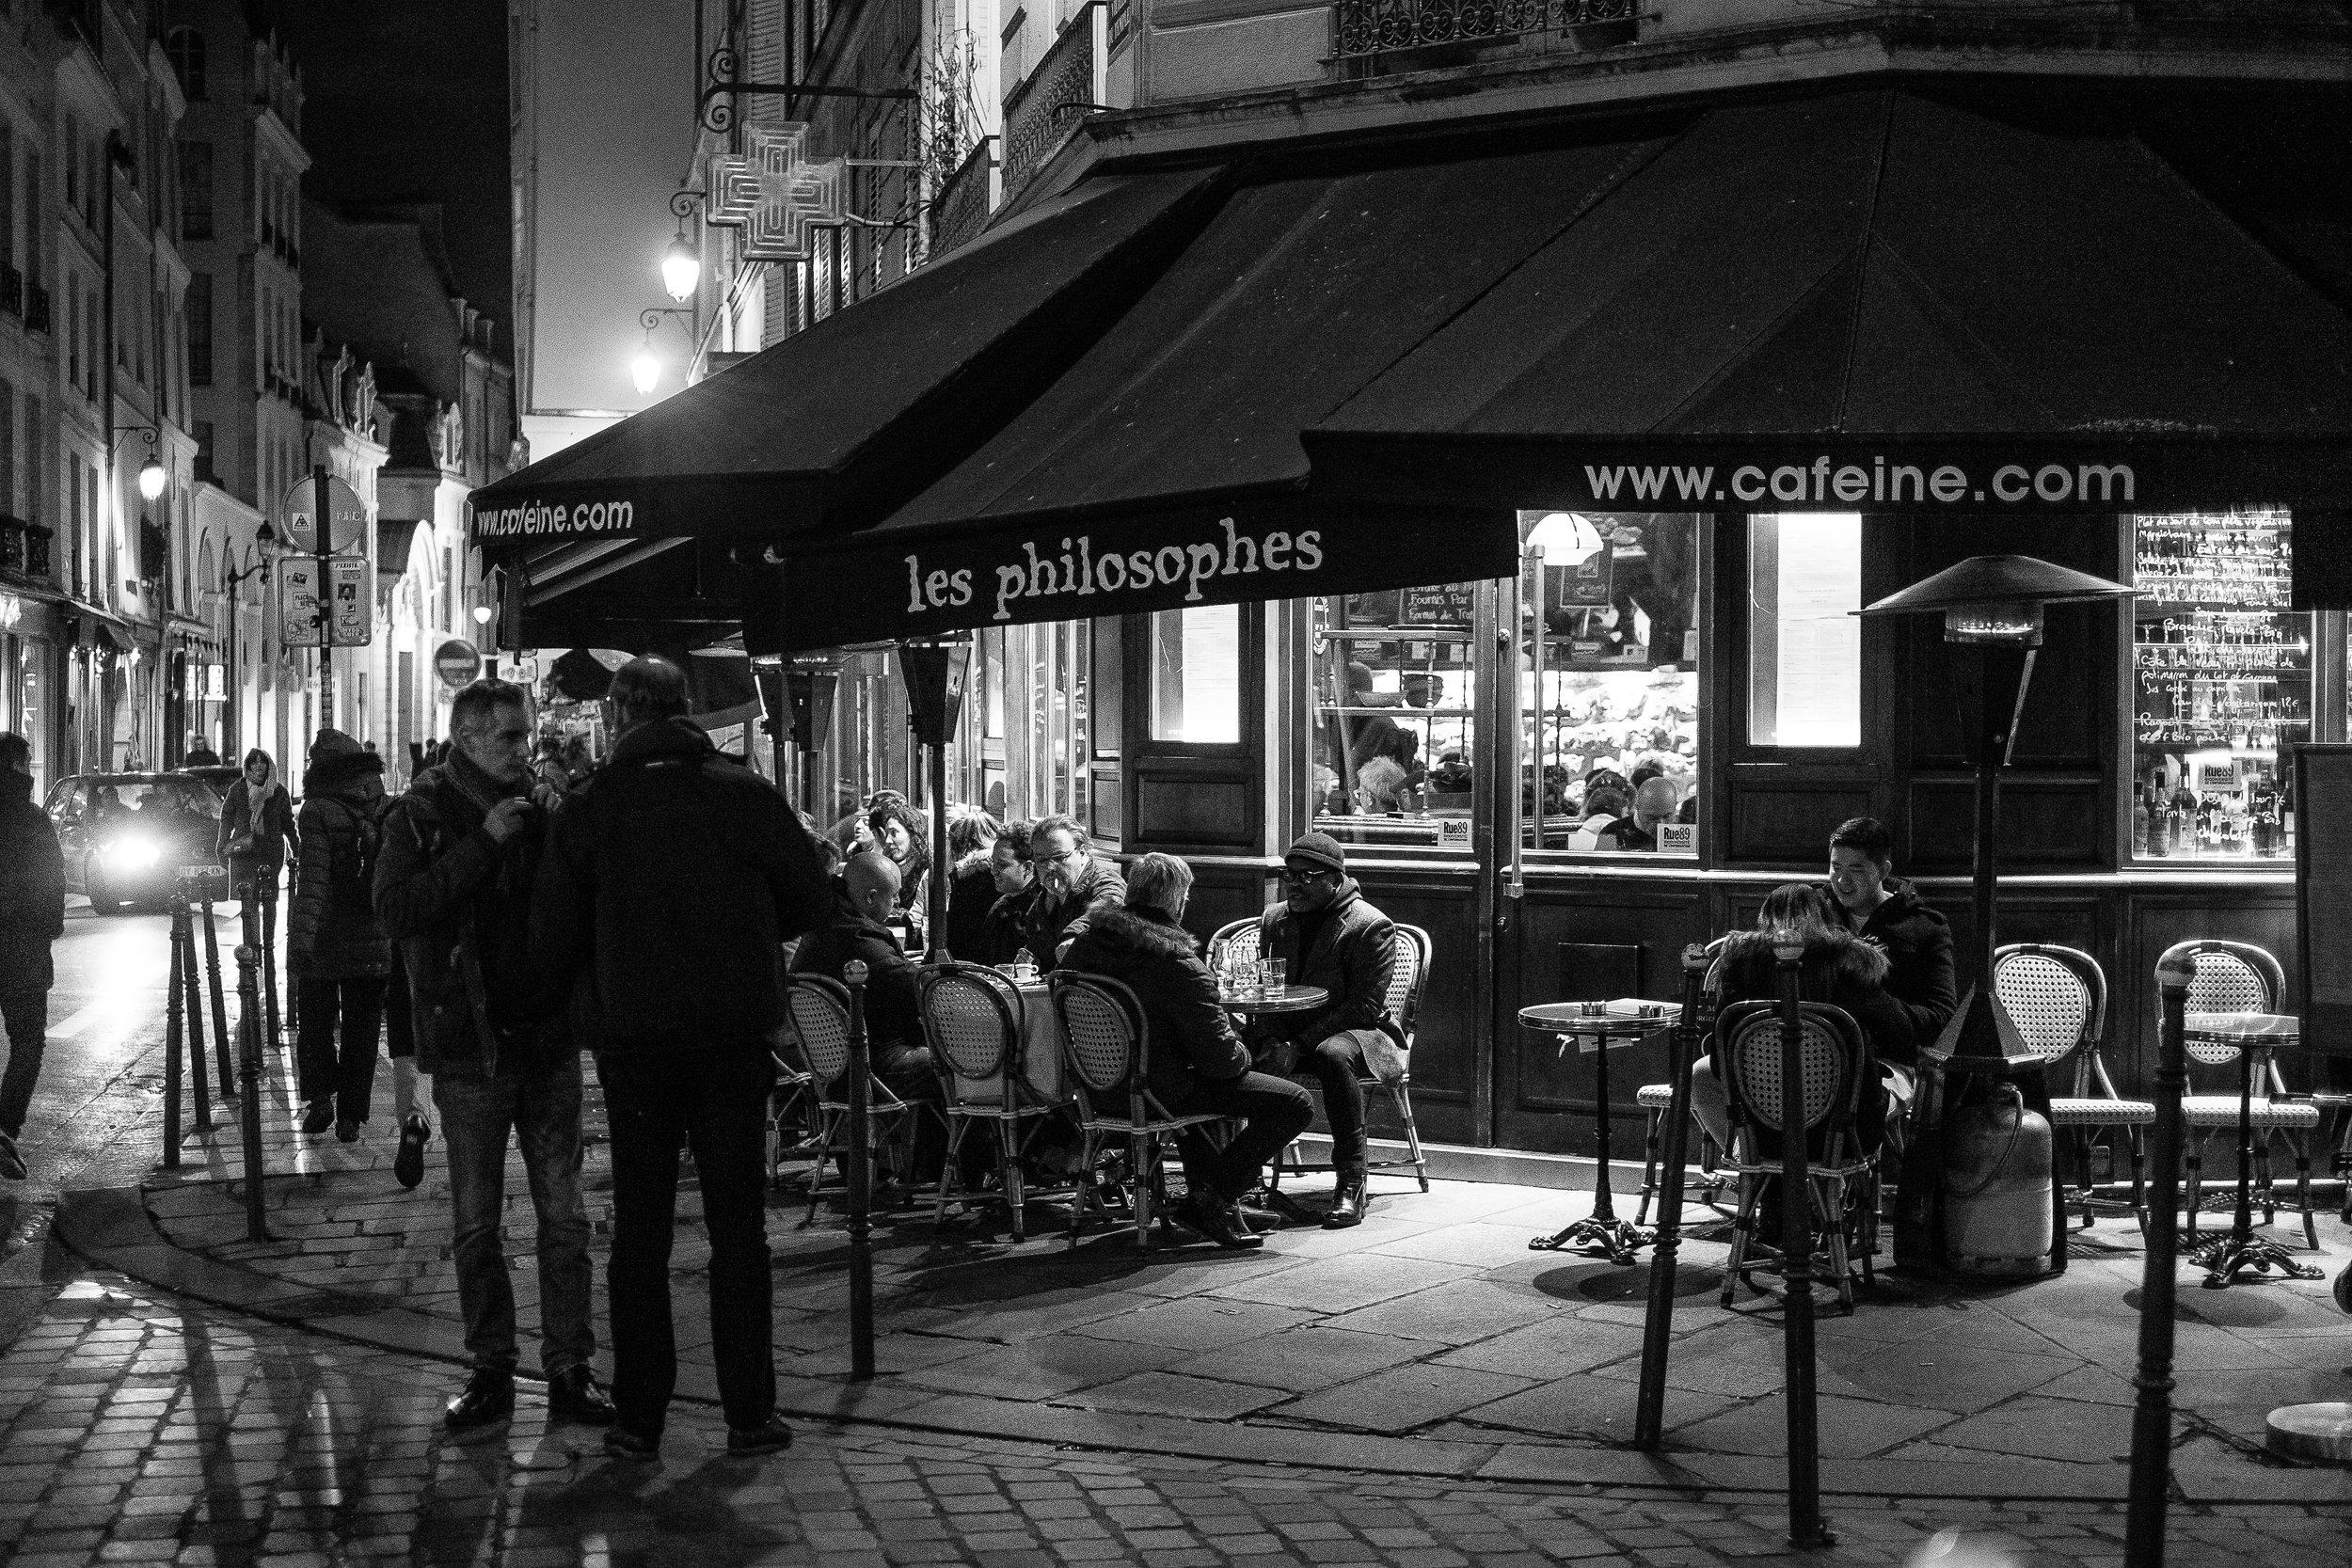 Le Marais, Paris. January, 2017